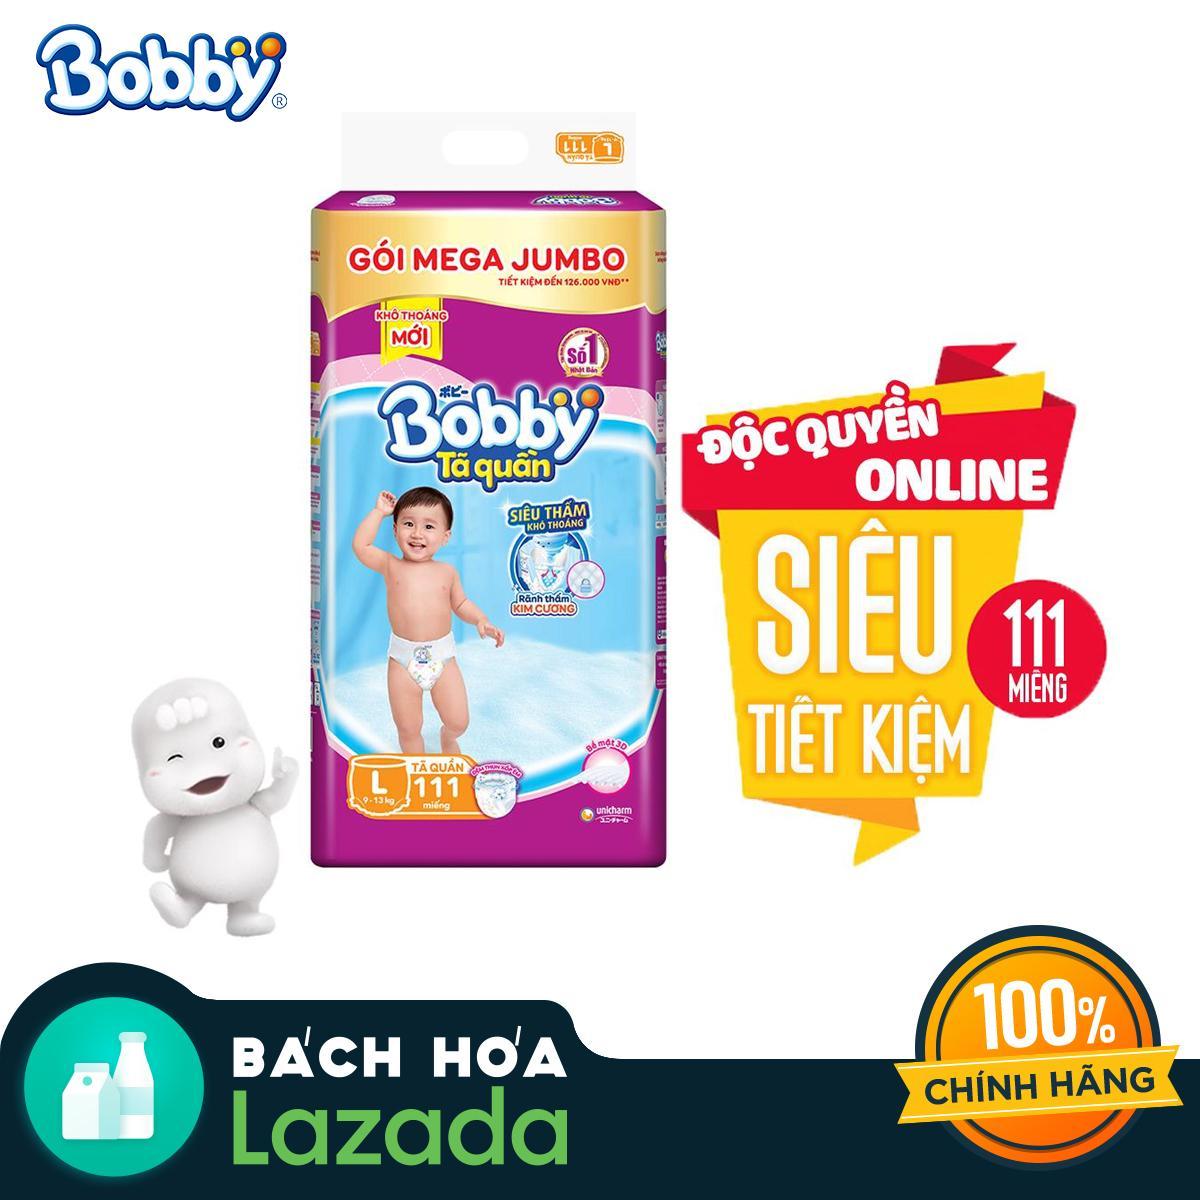 [Độc quyền Online] Tã/bỉm quần Bobby gói Mega Jumbo L111...